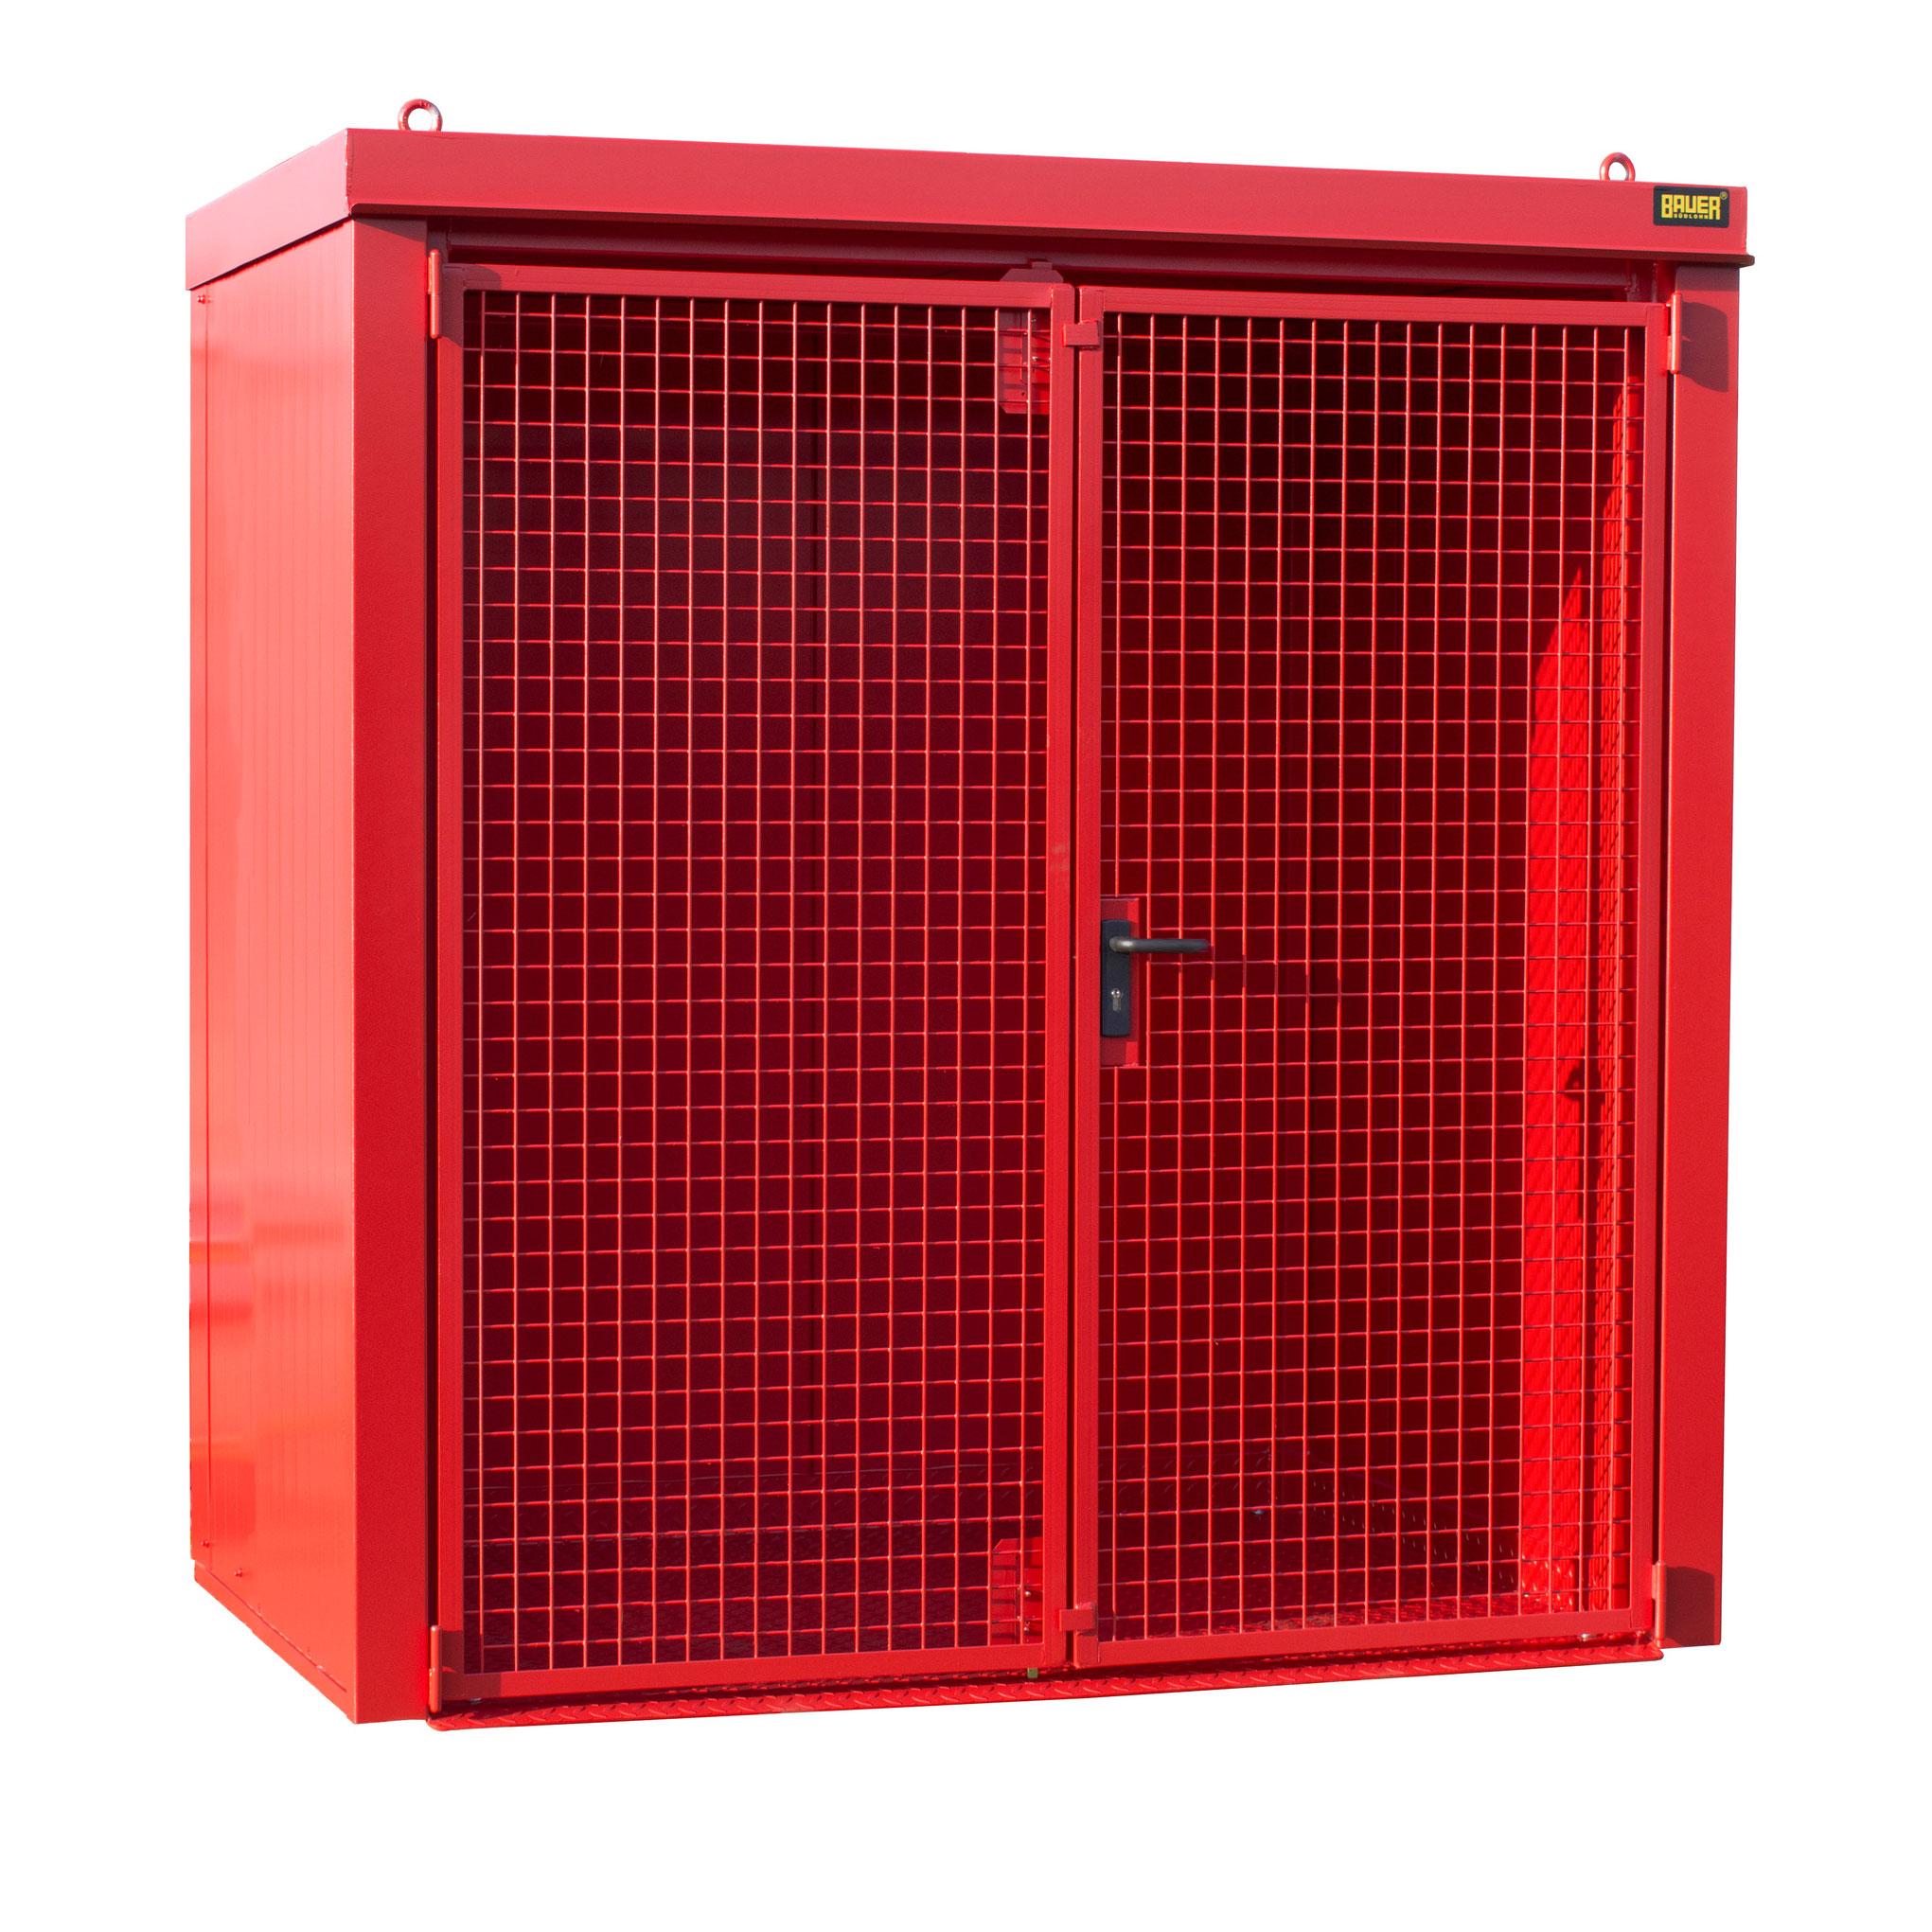 Bauer Gasflaschen-Container GFC-B M1, Feuerrot für 28x Gasflaschen Ø 230 mm 4477-31-0000-2